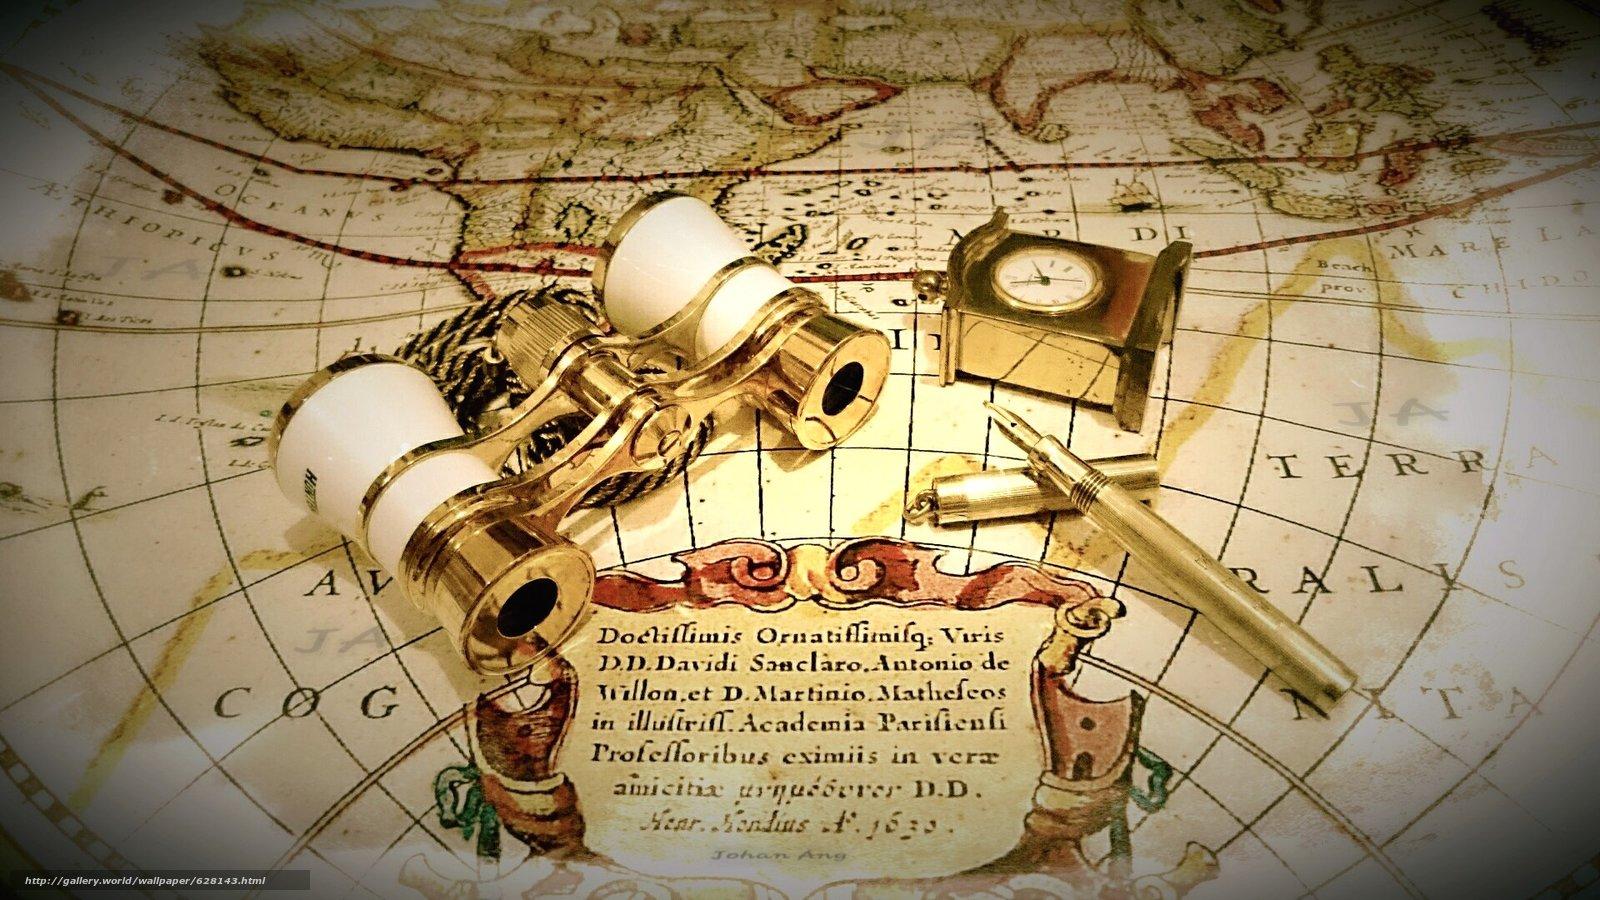 Скачать на телефон обои фото картинку на тему карта, часы, бинокль, ручка, разширение 1920x1080